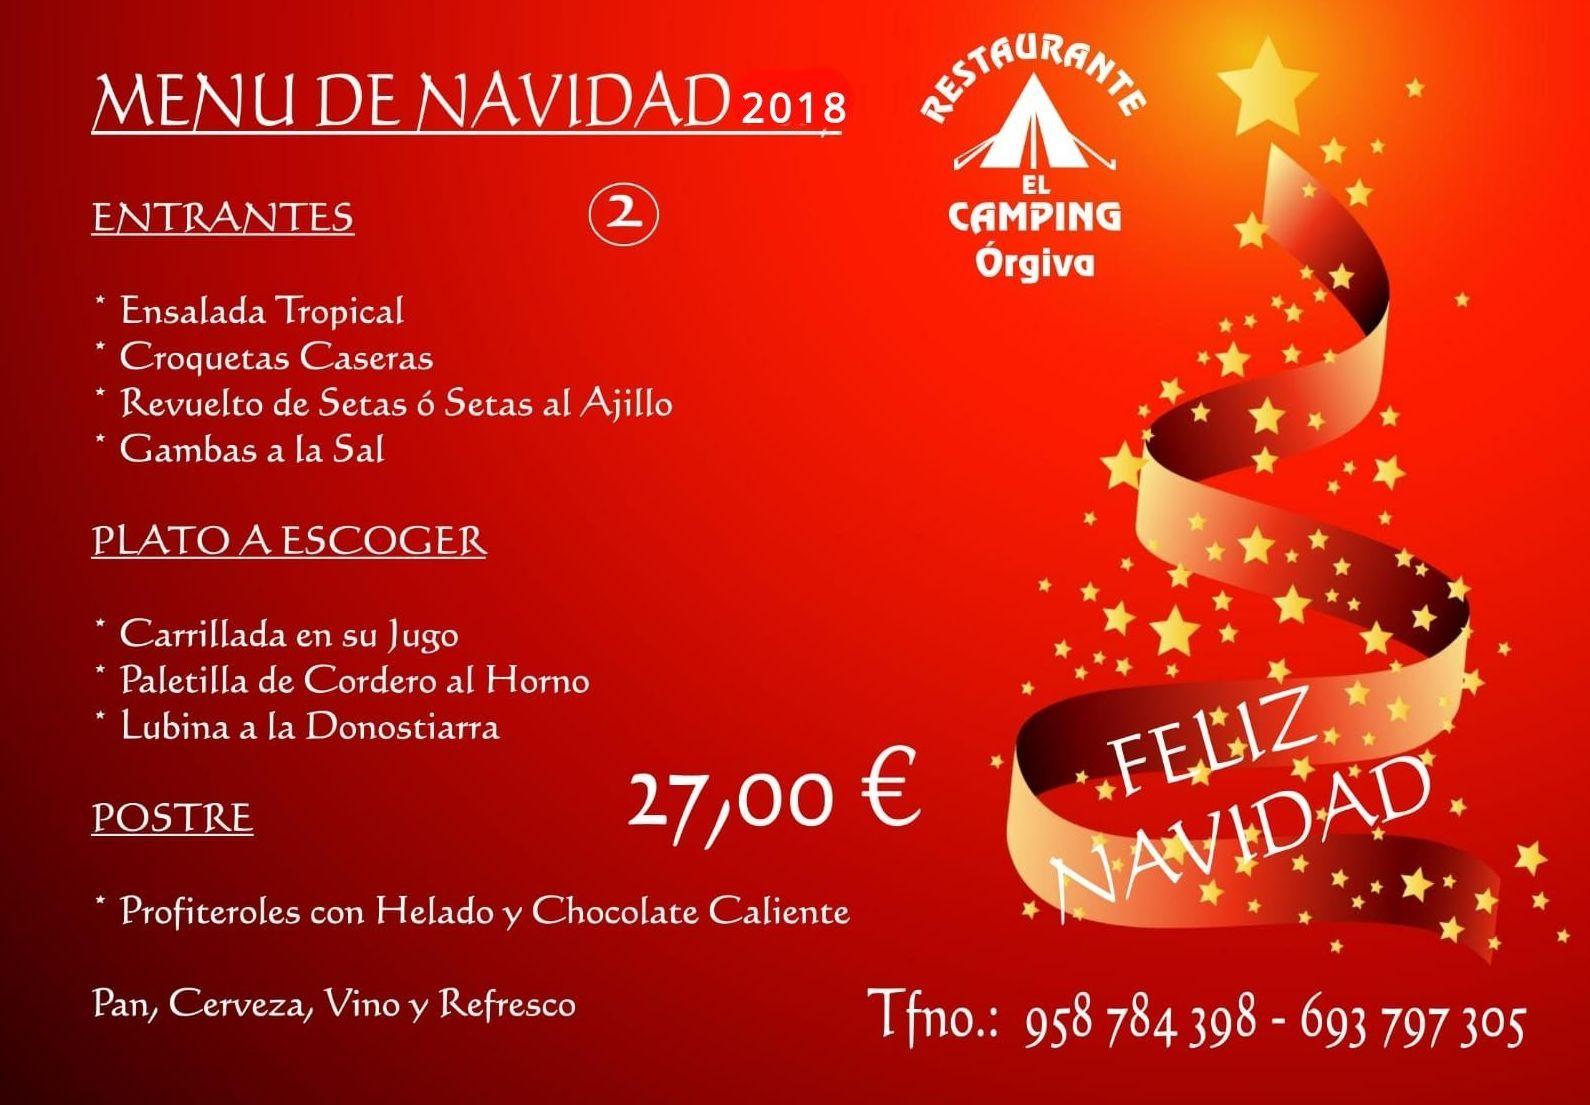 Menú de Navidad 2018  -  27,00 €: Carta de Restaurante El Camping Órgiva